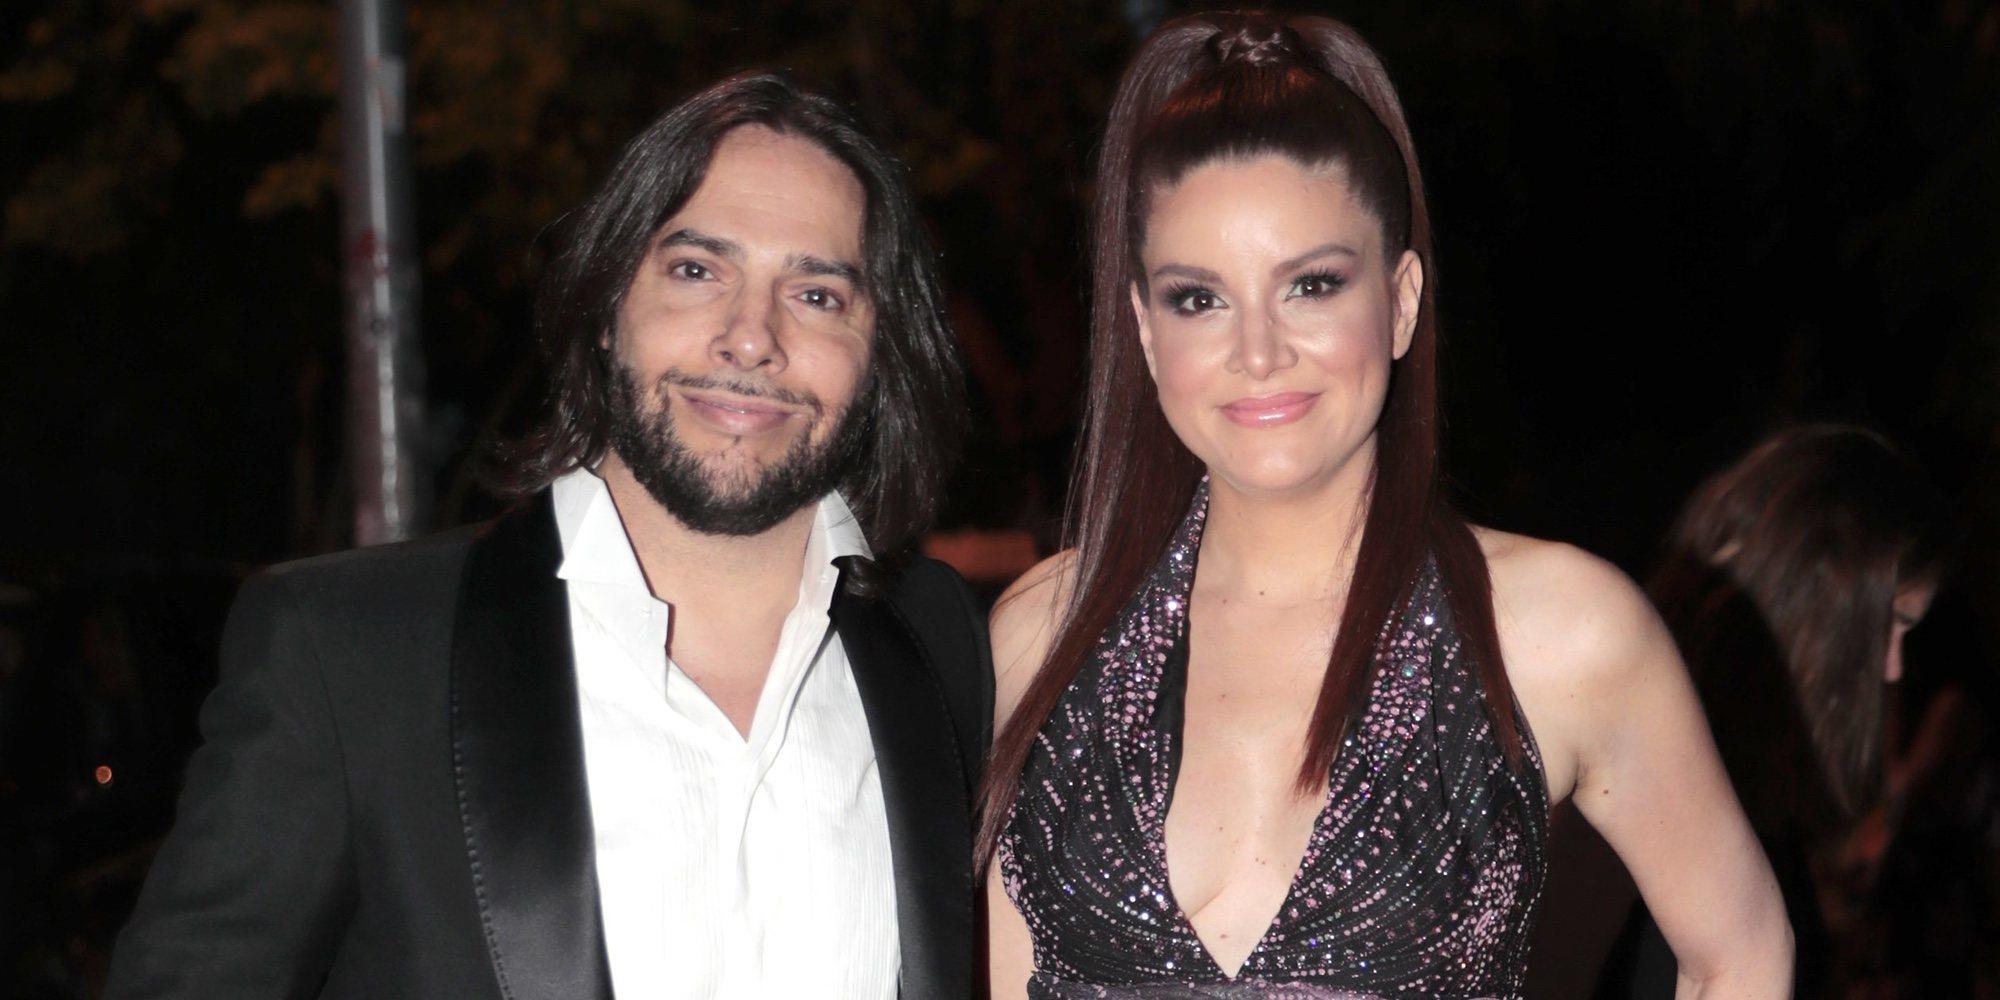 Joaquín Cortés y Mónica Moreno se convierten en padres de su primer hijo